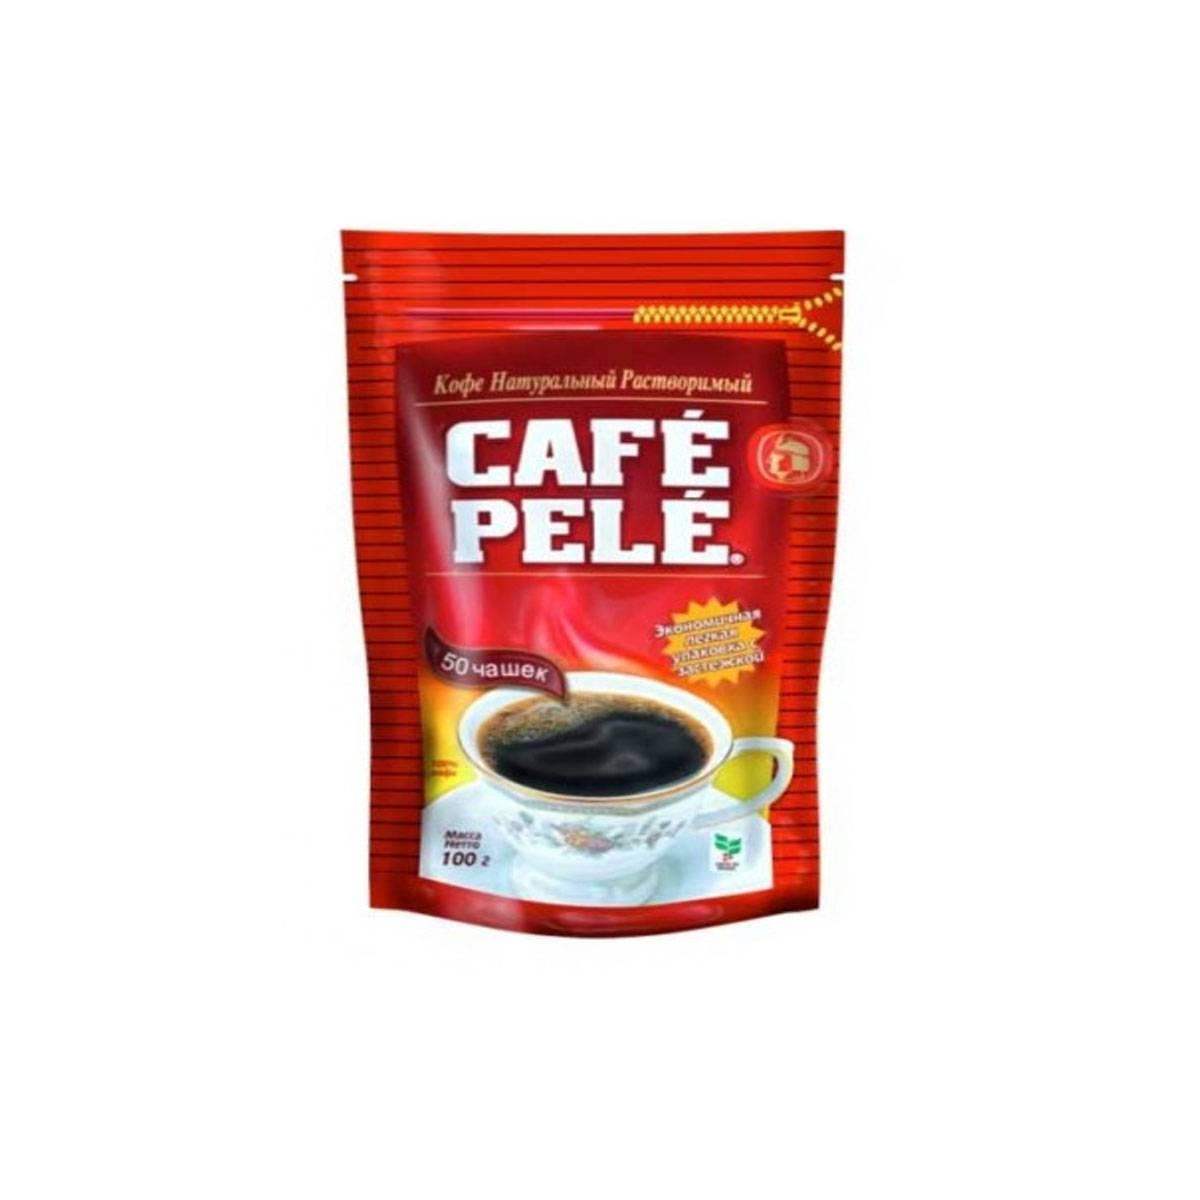 Кофе пеле: история бренда, причины популярности, ассортимент продукции